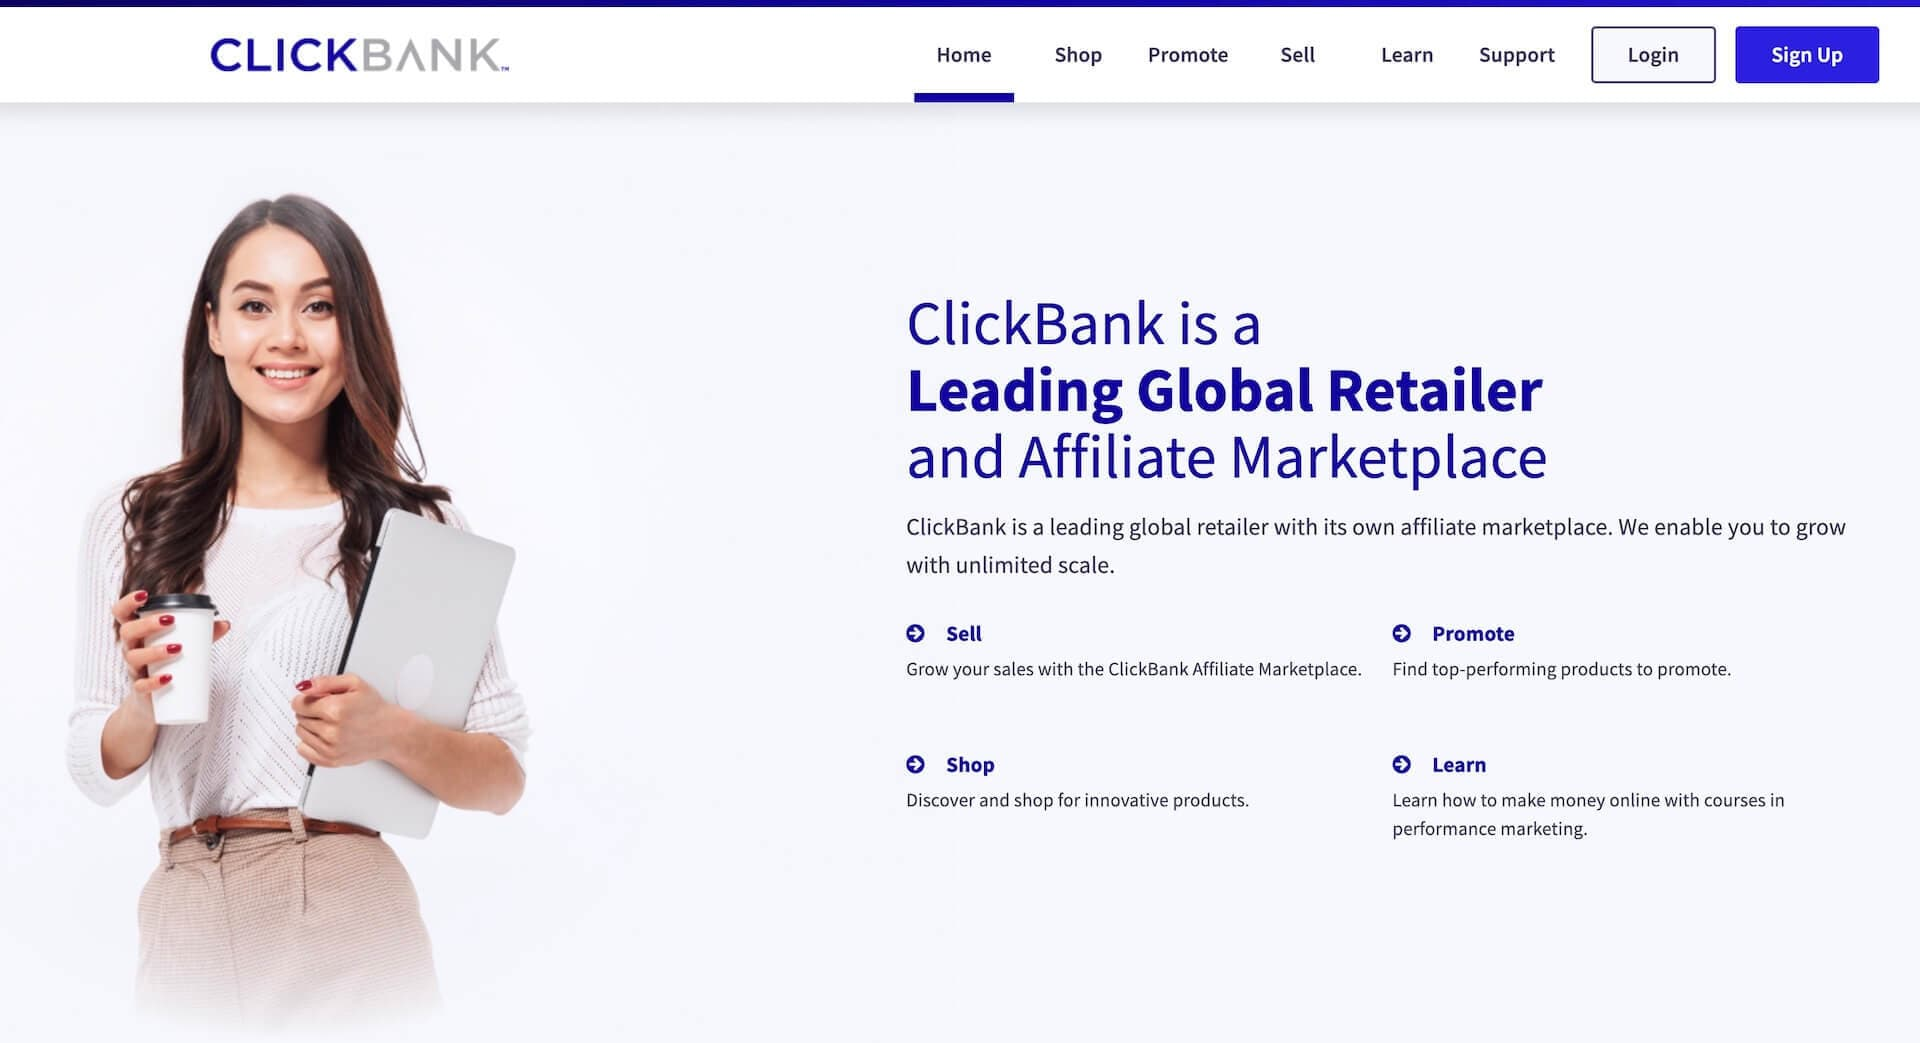 ClickBank: Affiliate marketing for entrepreneurs